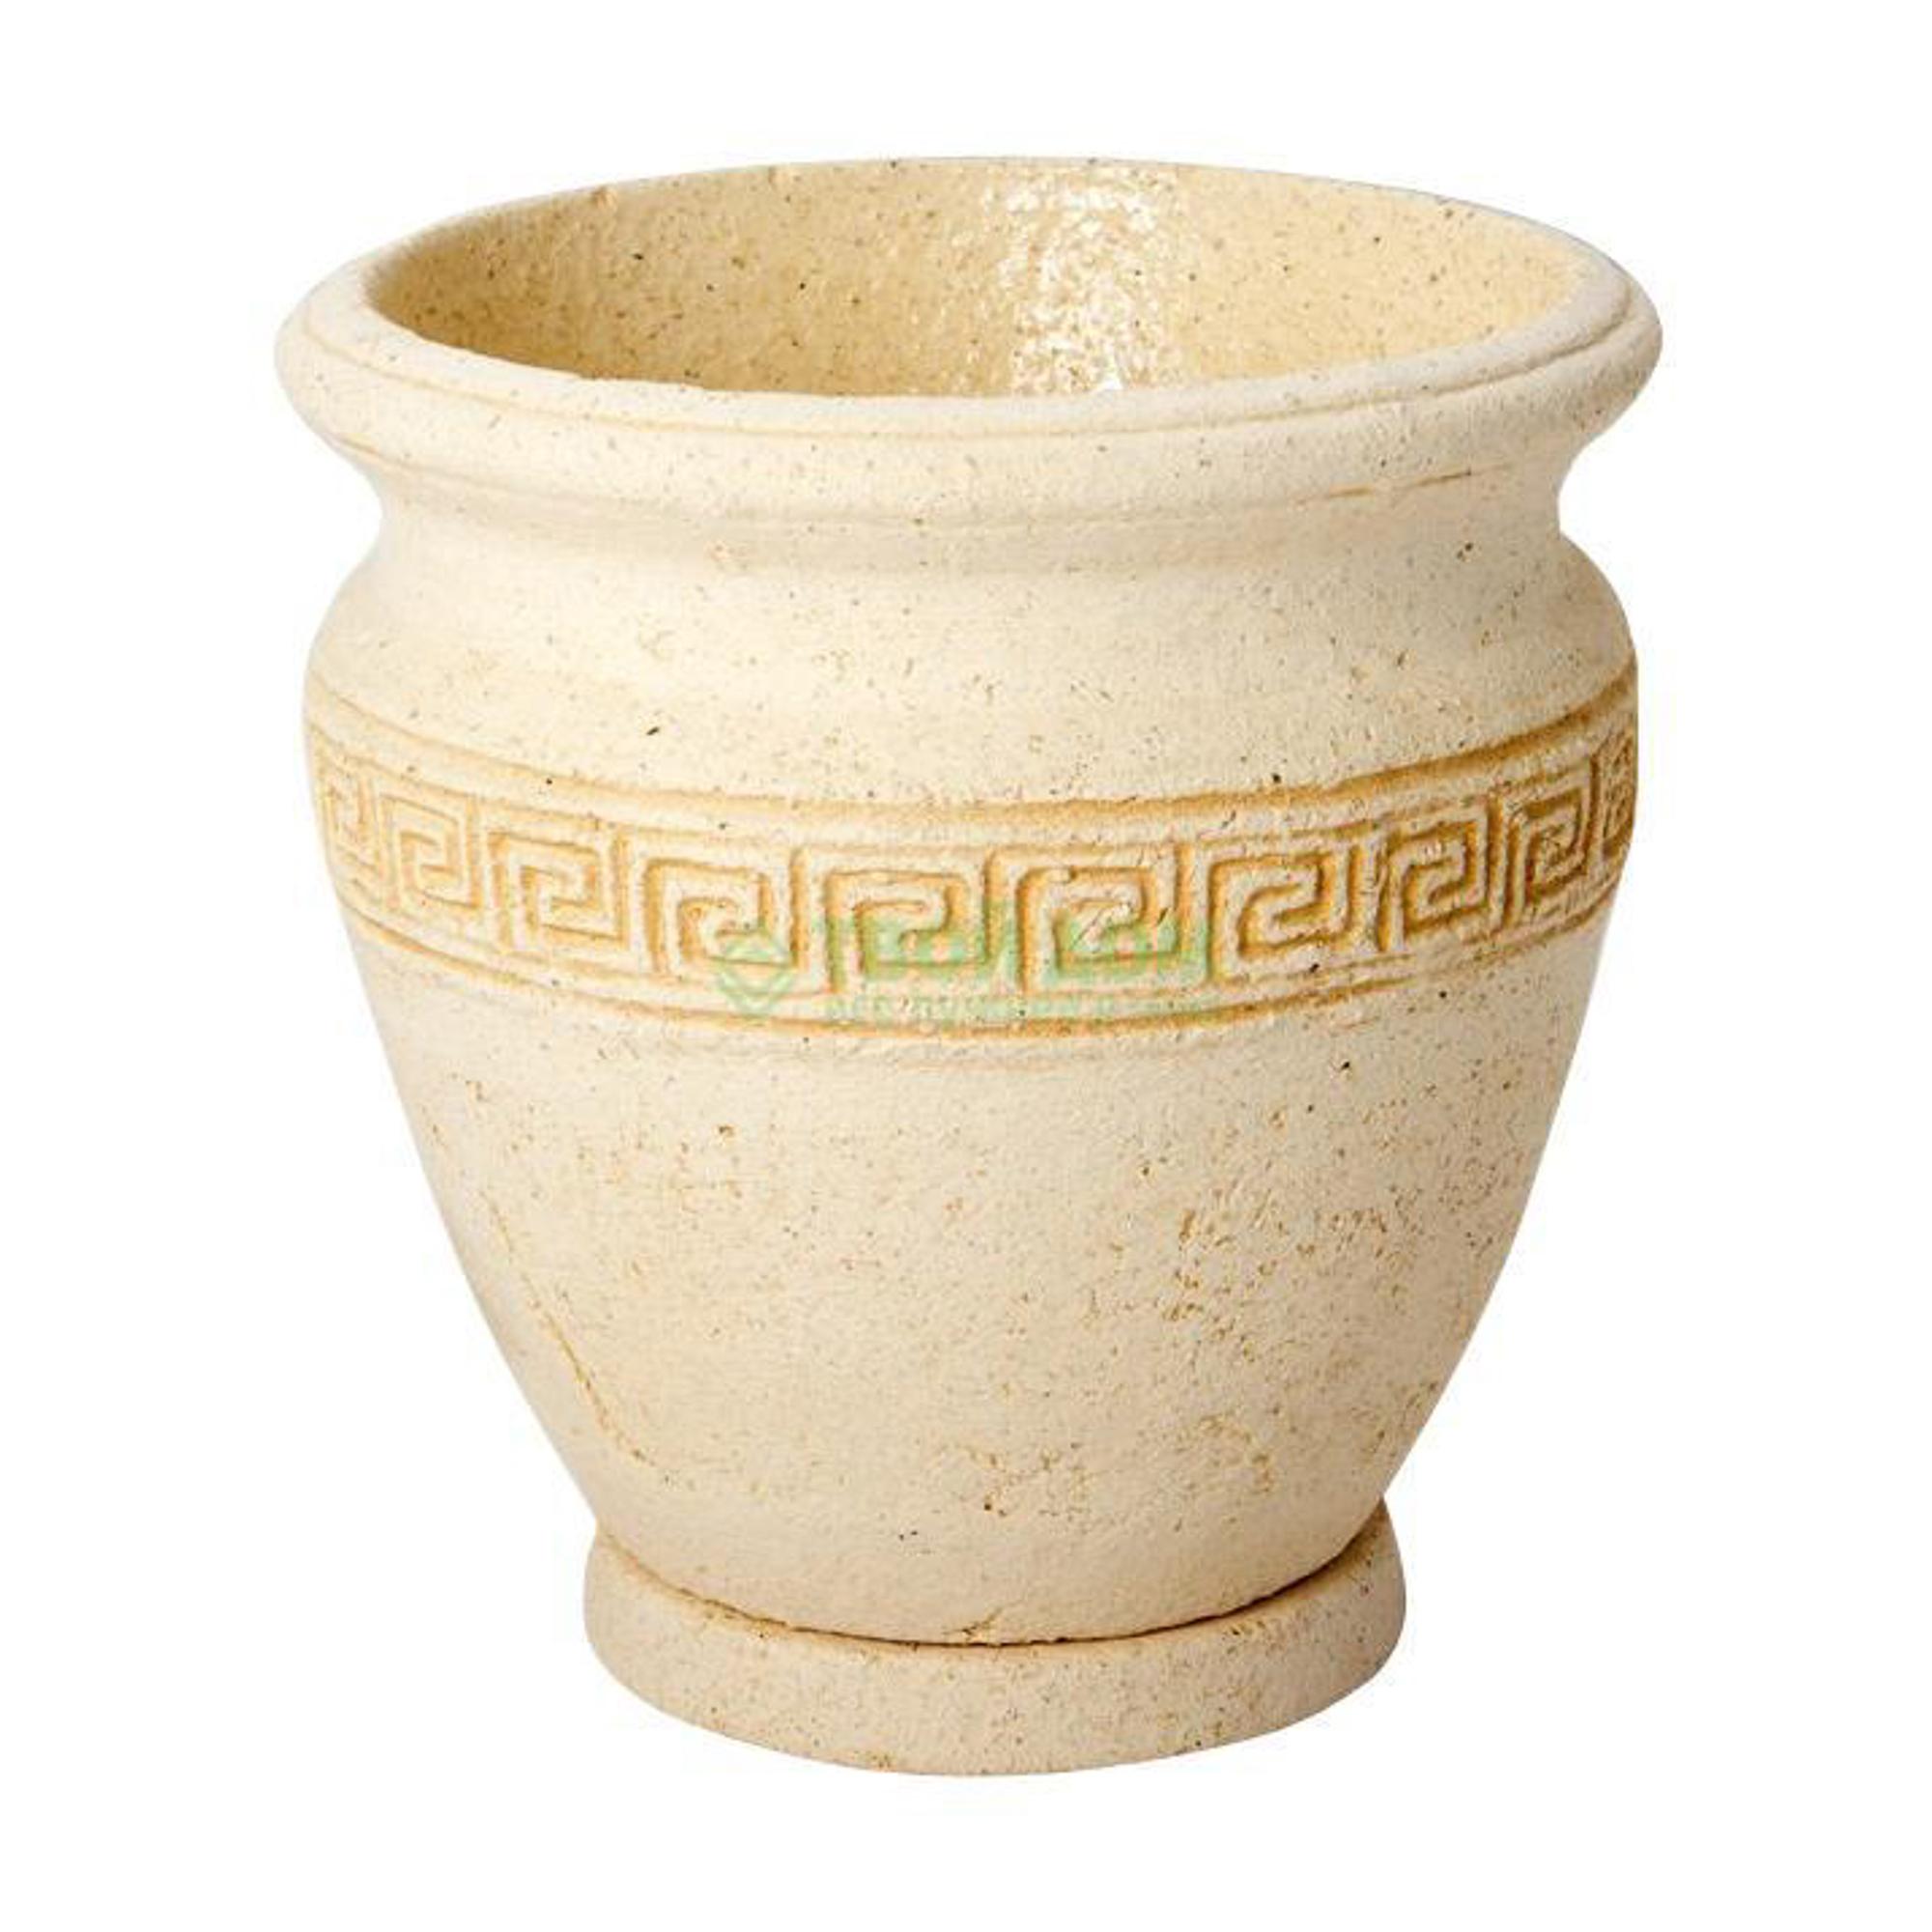 Купить Горшок Noname Аттика 1164, горшок, Россия, светло-коричневый, шамот